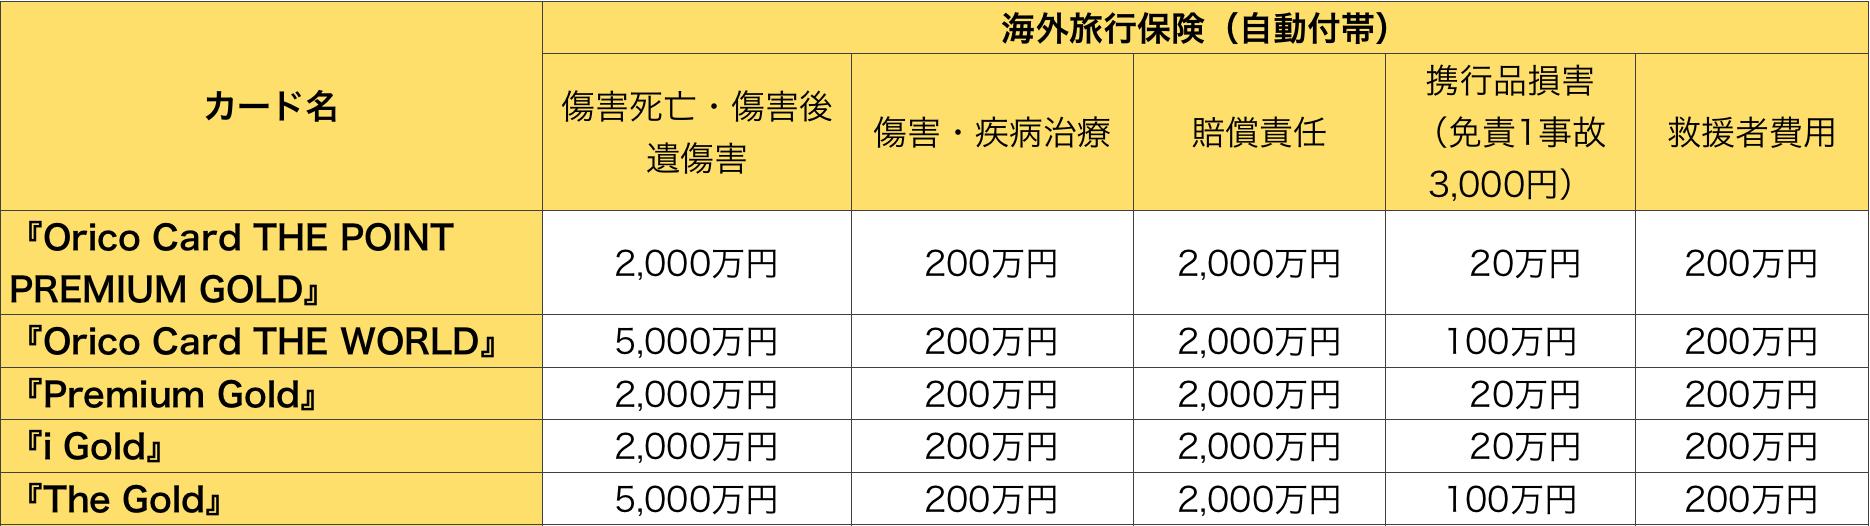 オリコゴールドカードの海外旅行保険の比較